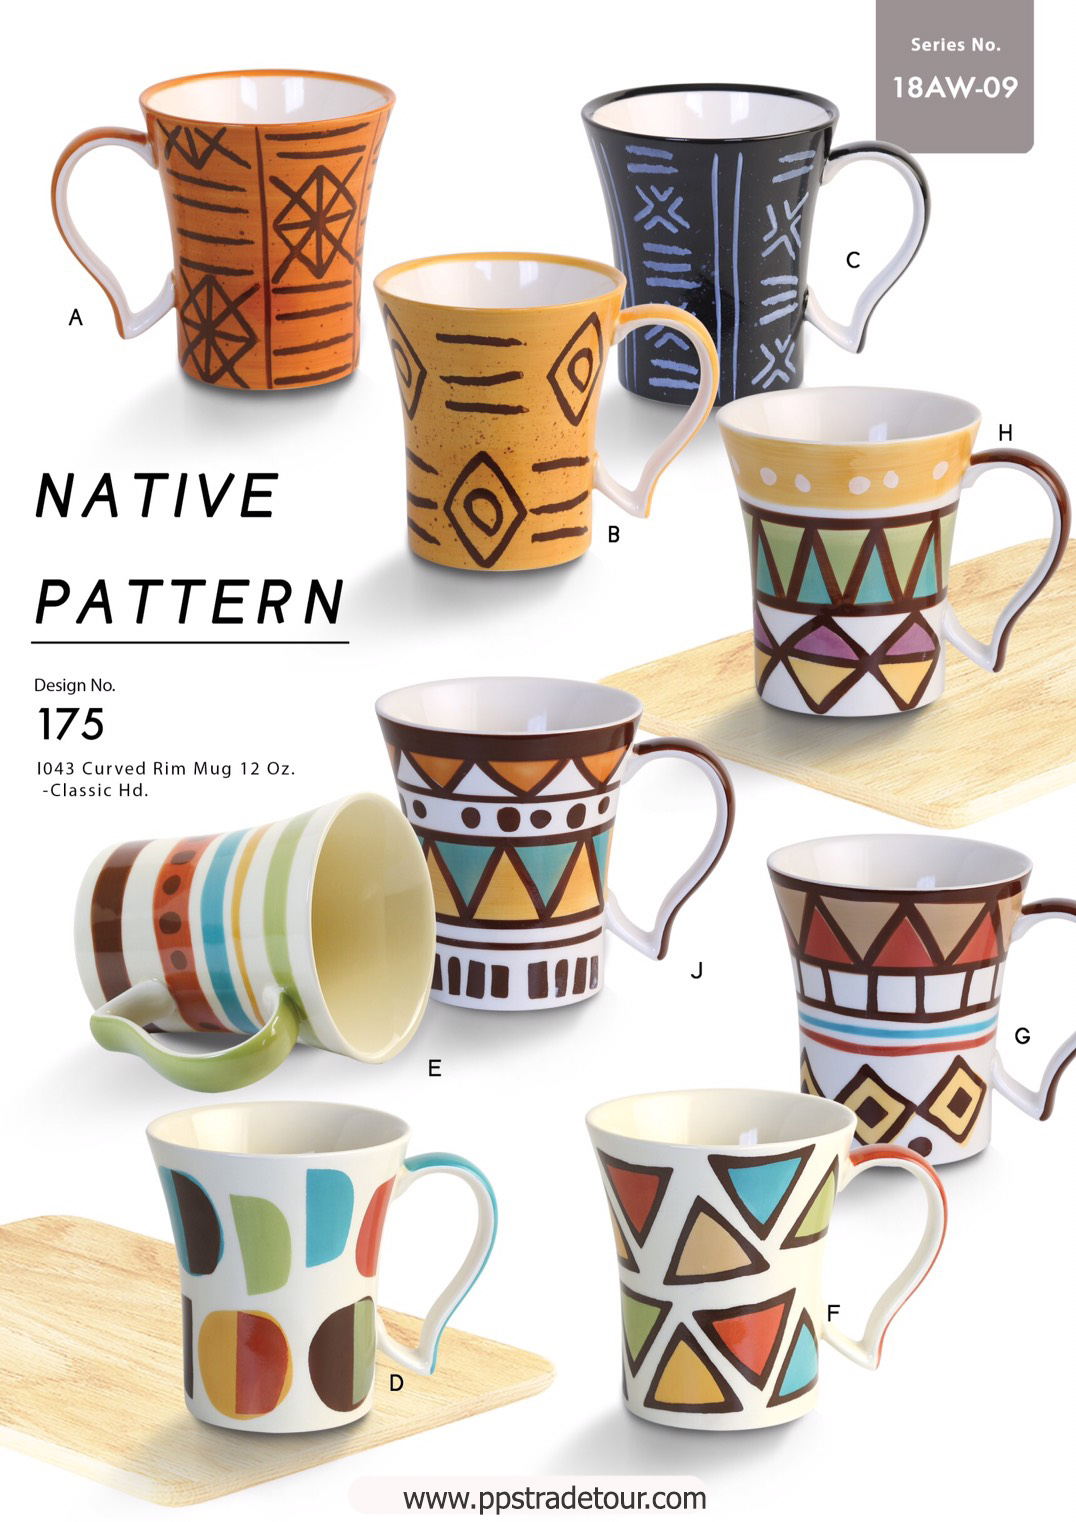 Native Pattern-Ceramic Mug 12 Oz.